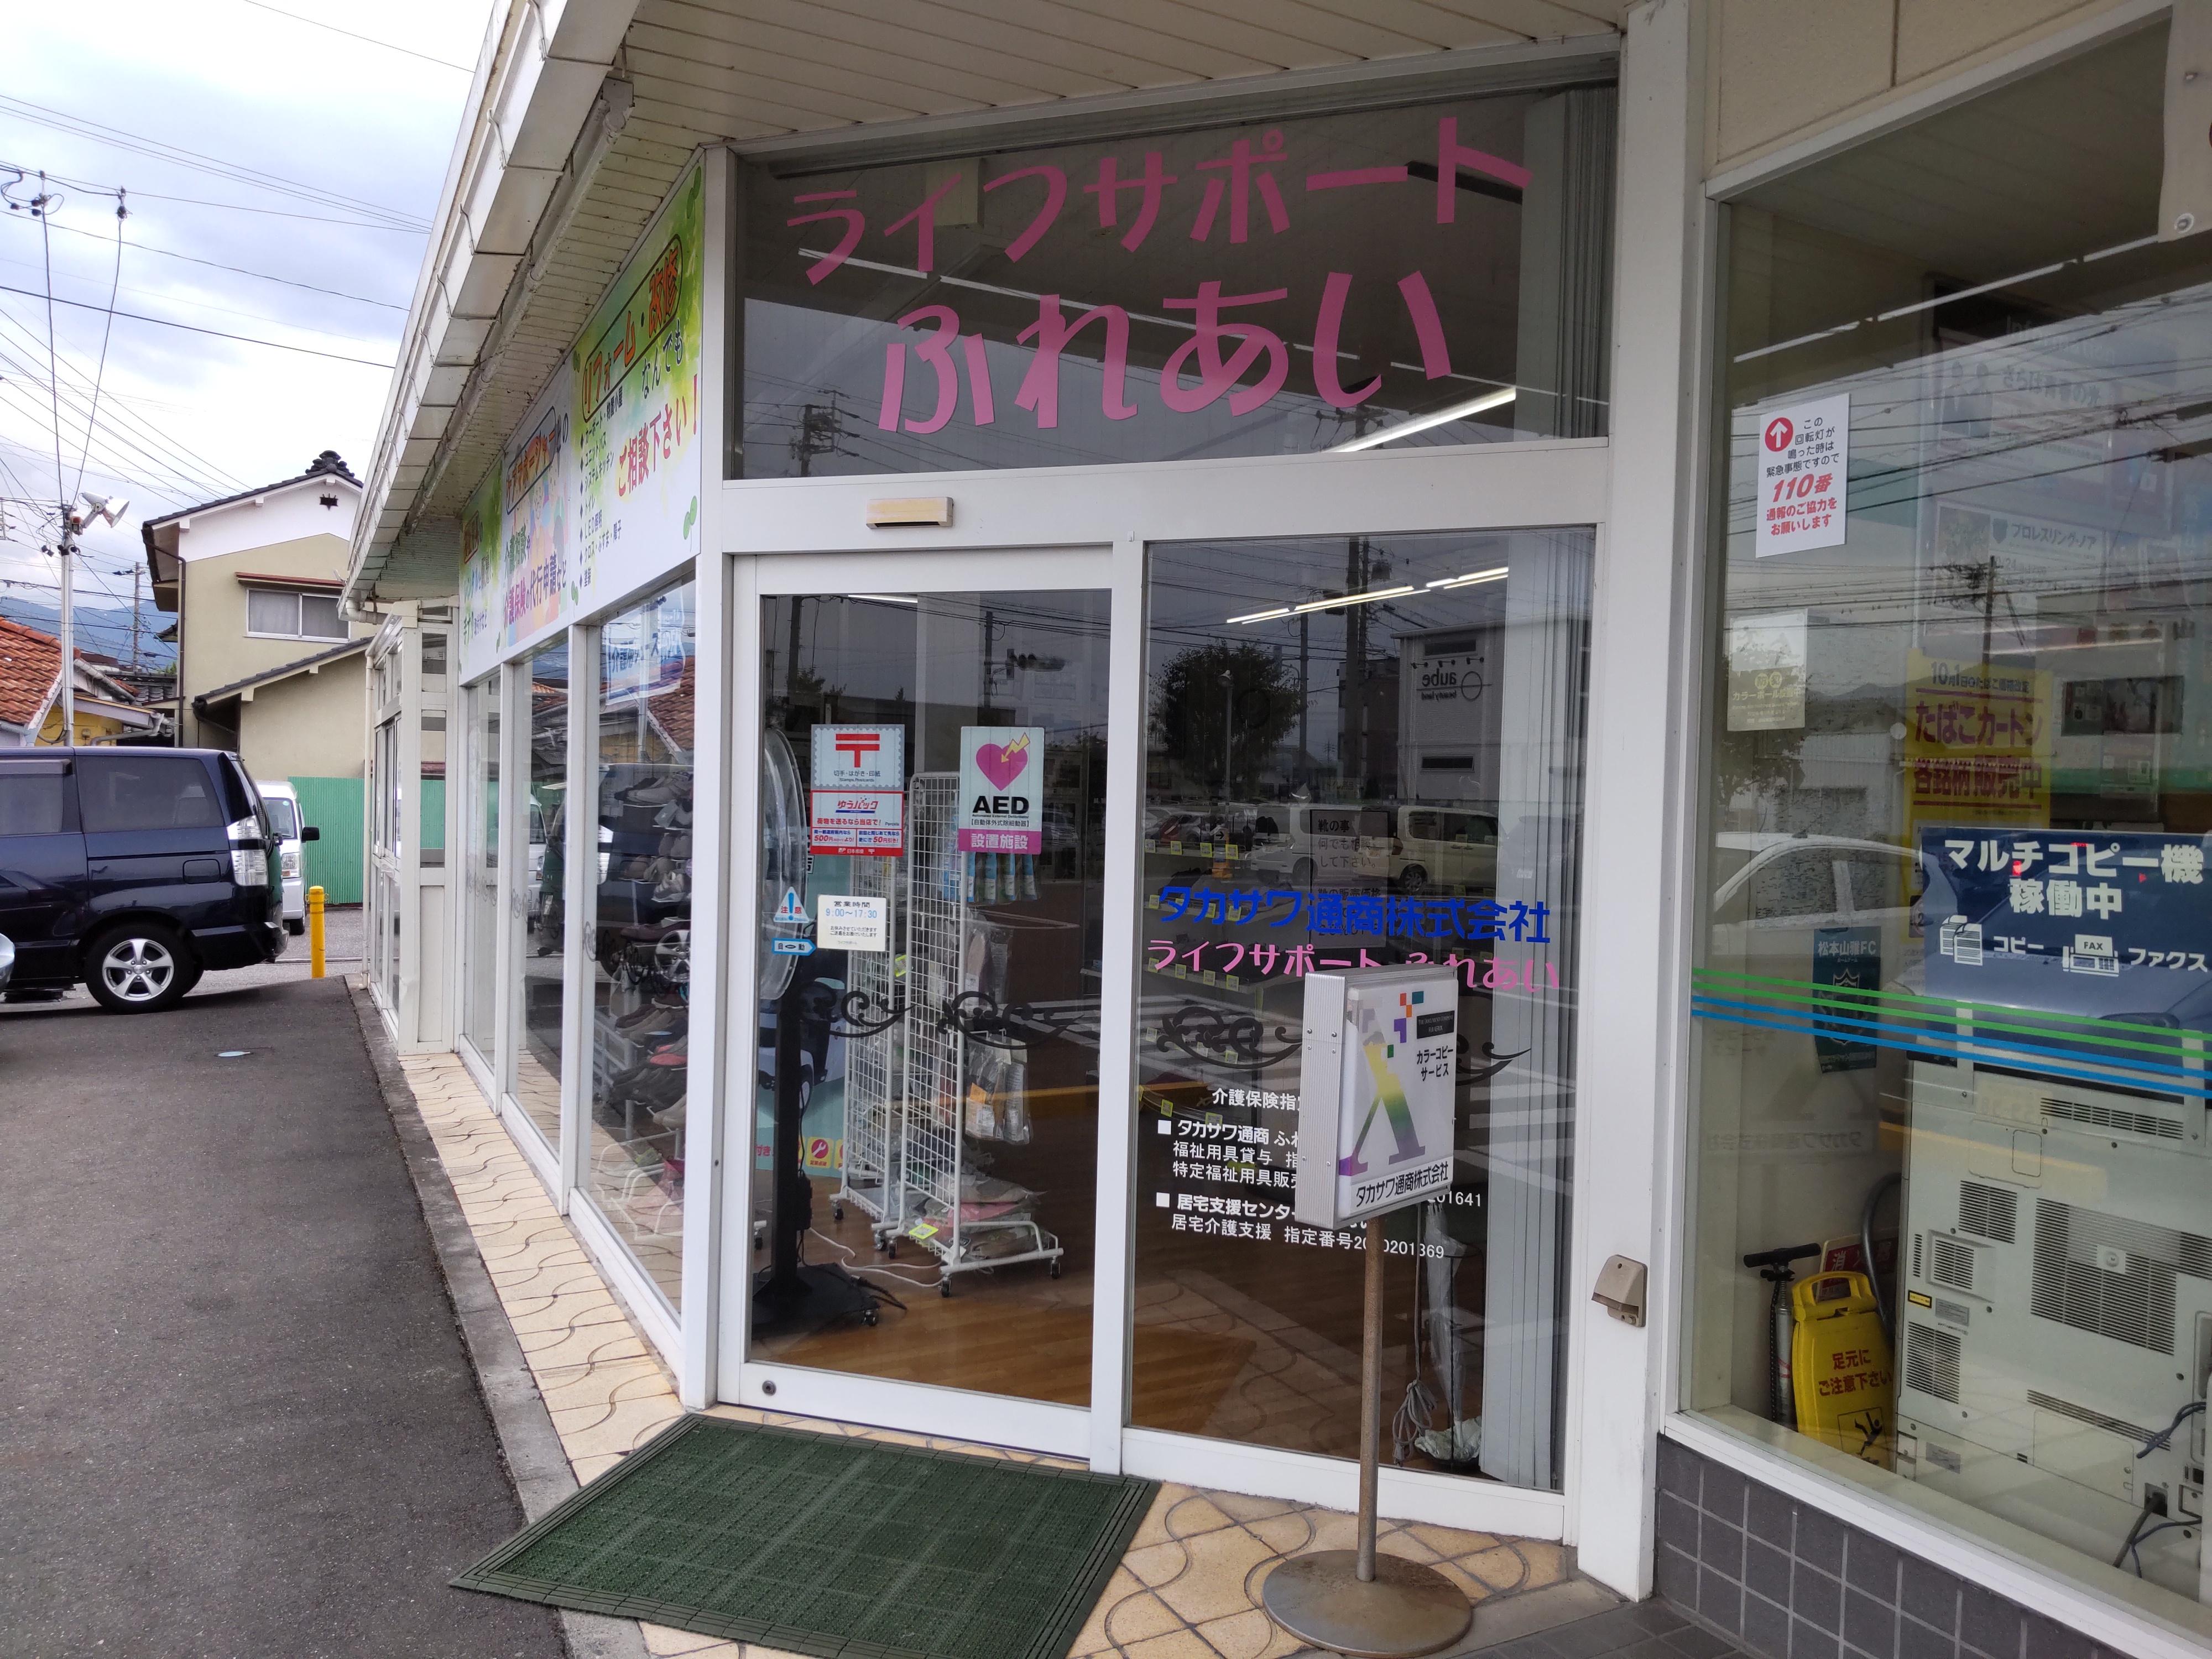 【介護支援センターふれあい】松本市征矢野にある居宅介護支援事業所です。